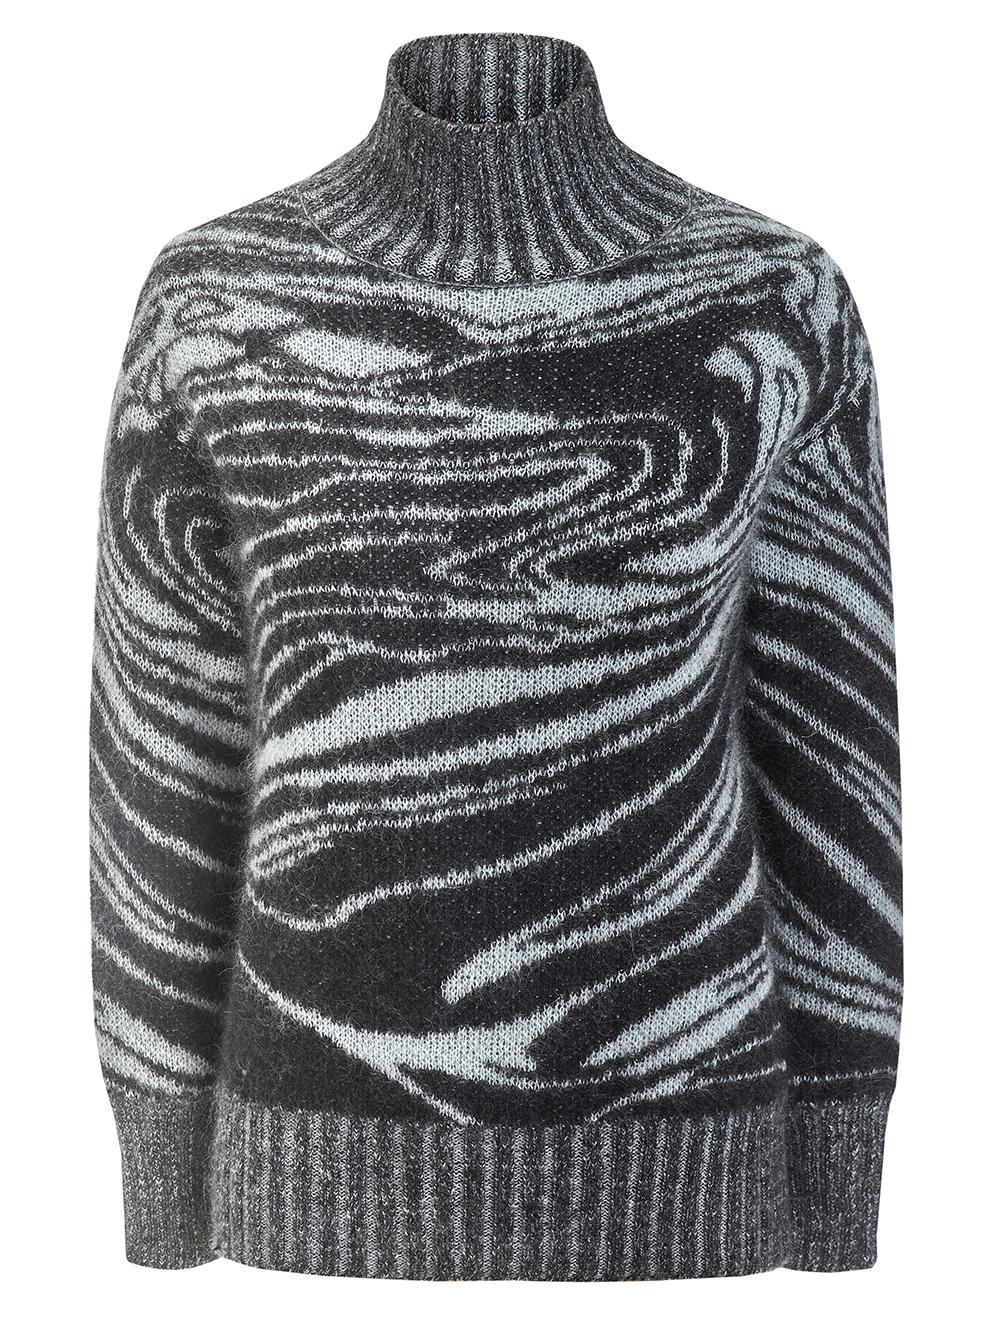 Женский свитер черного цвета из мохера - фото 1